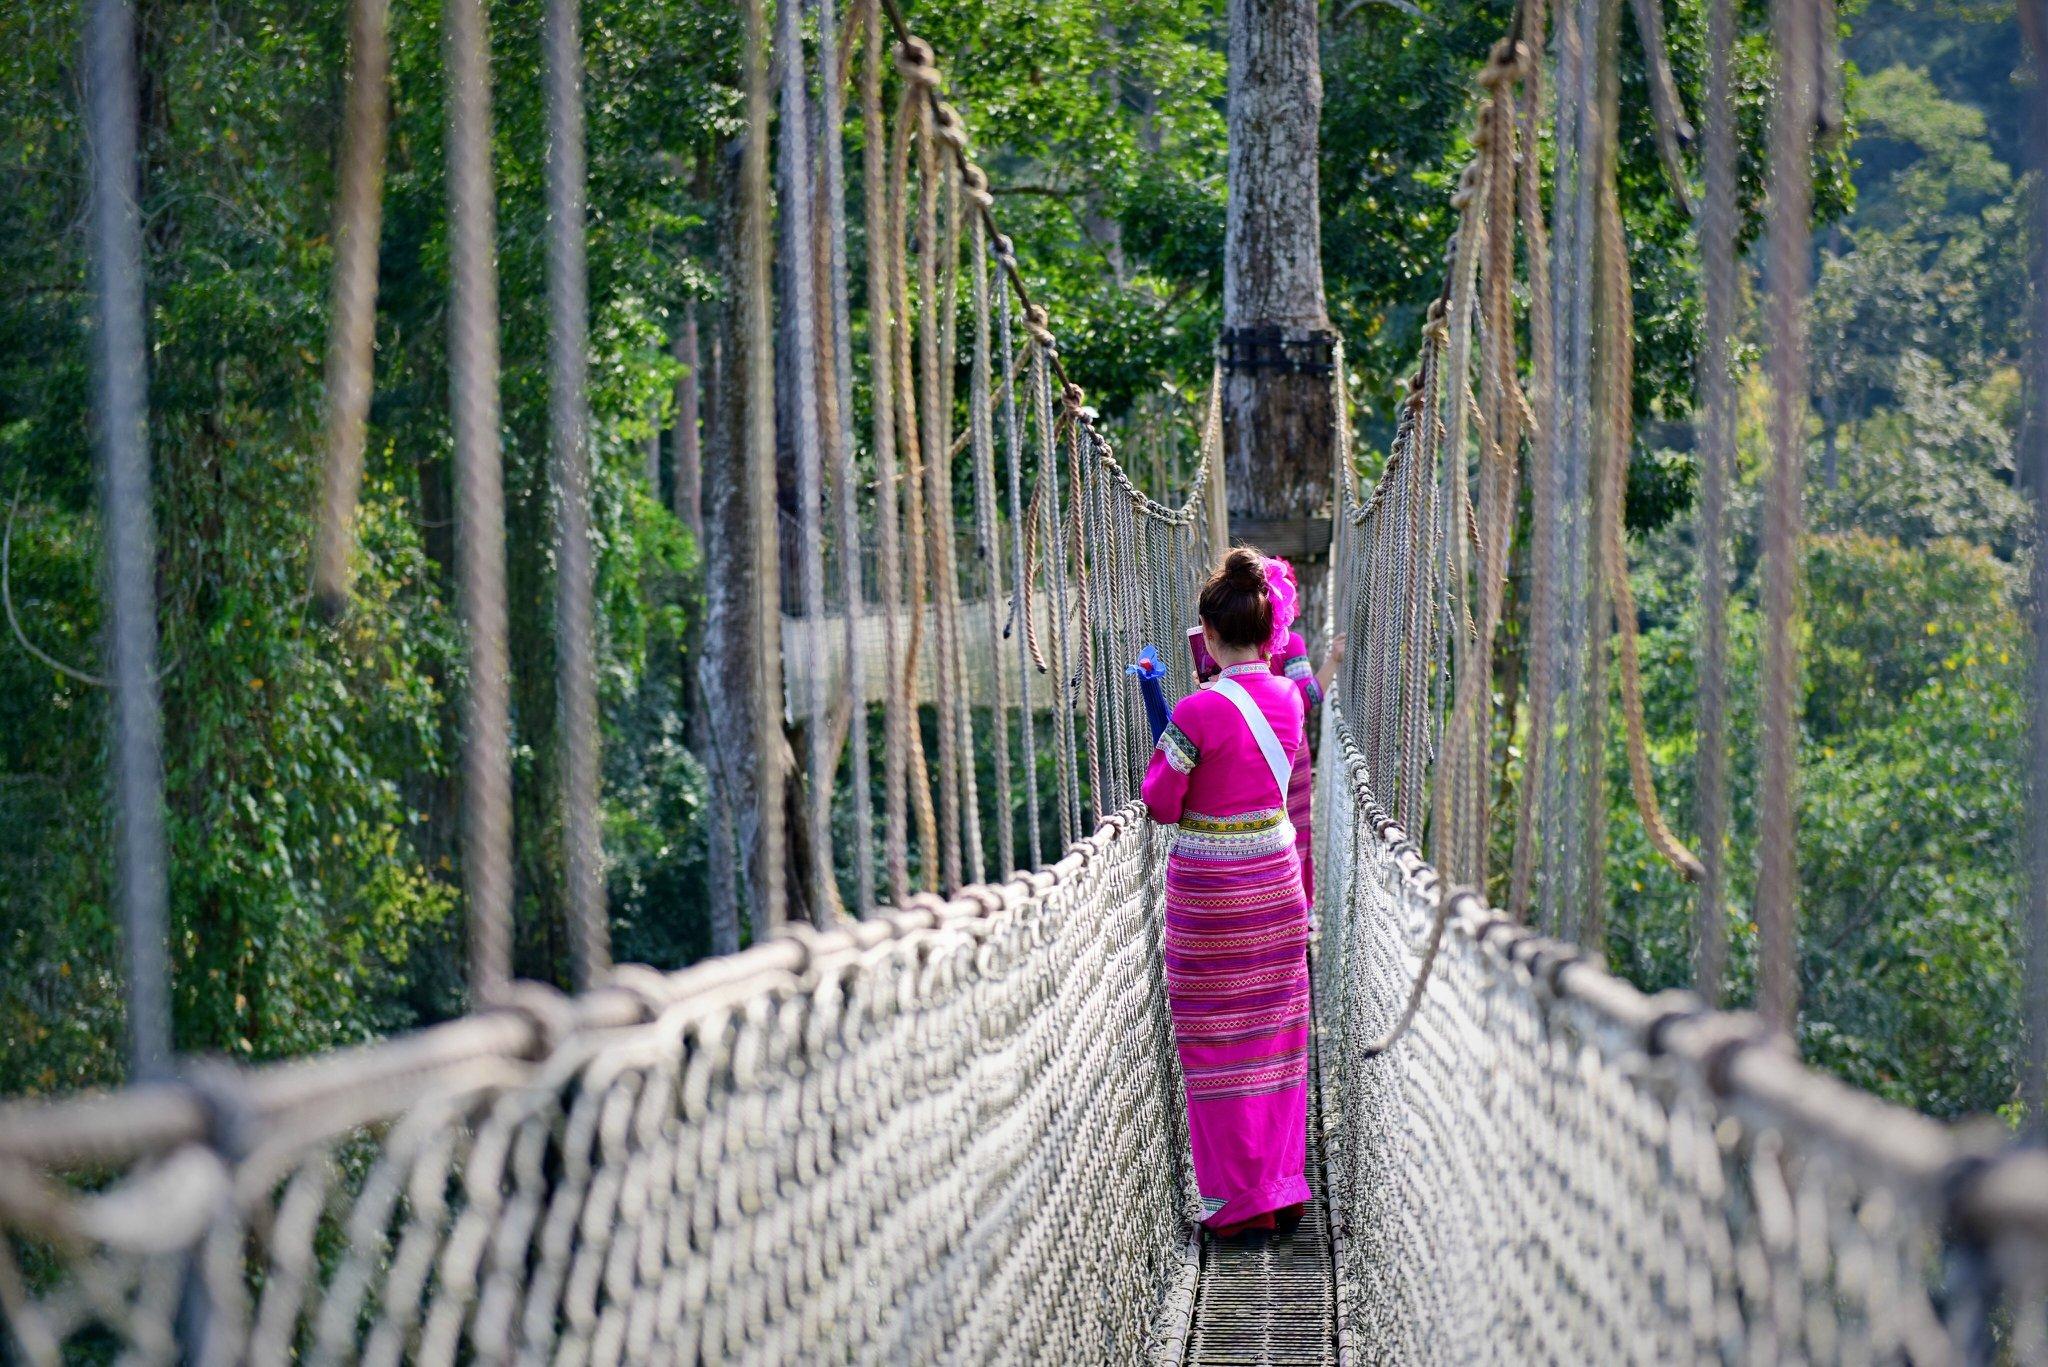 属于中国的热带雨林,发现西双版纳的美((去一次就会爱上的地方)